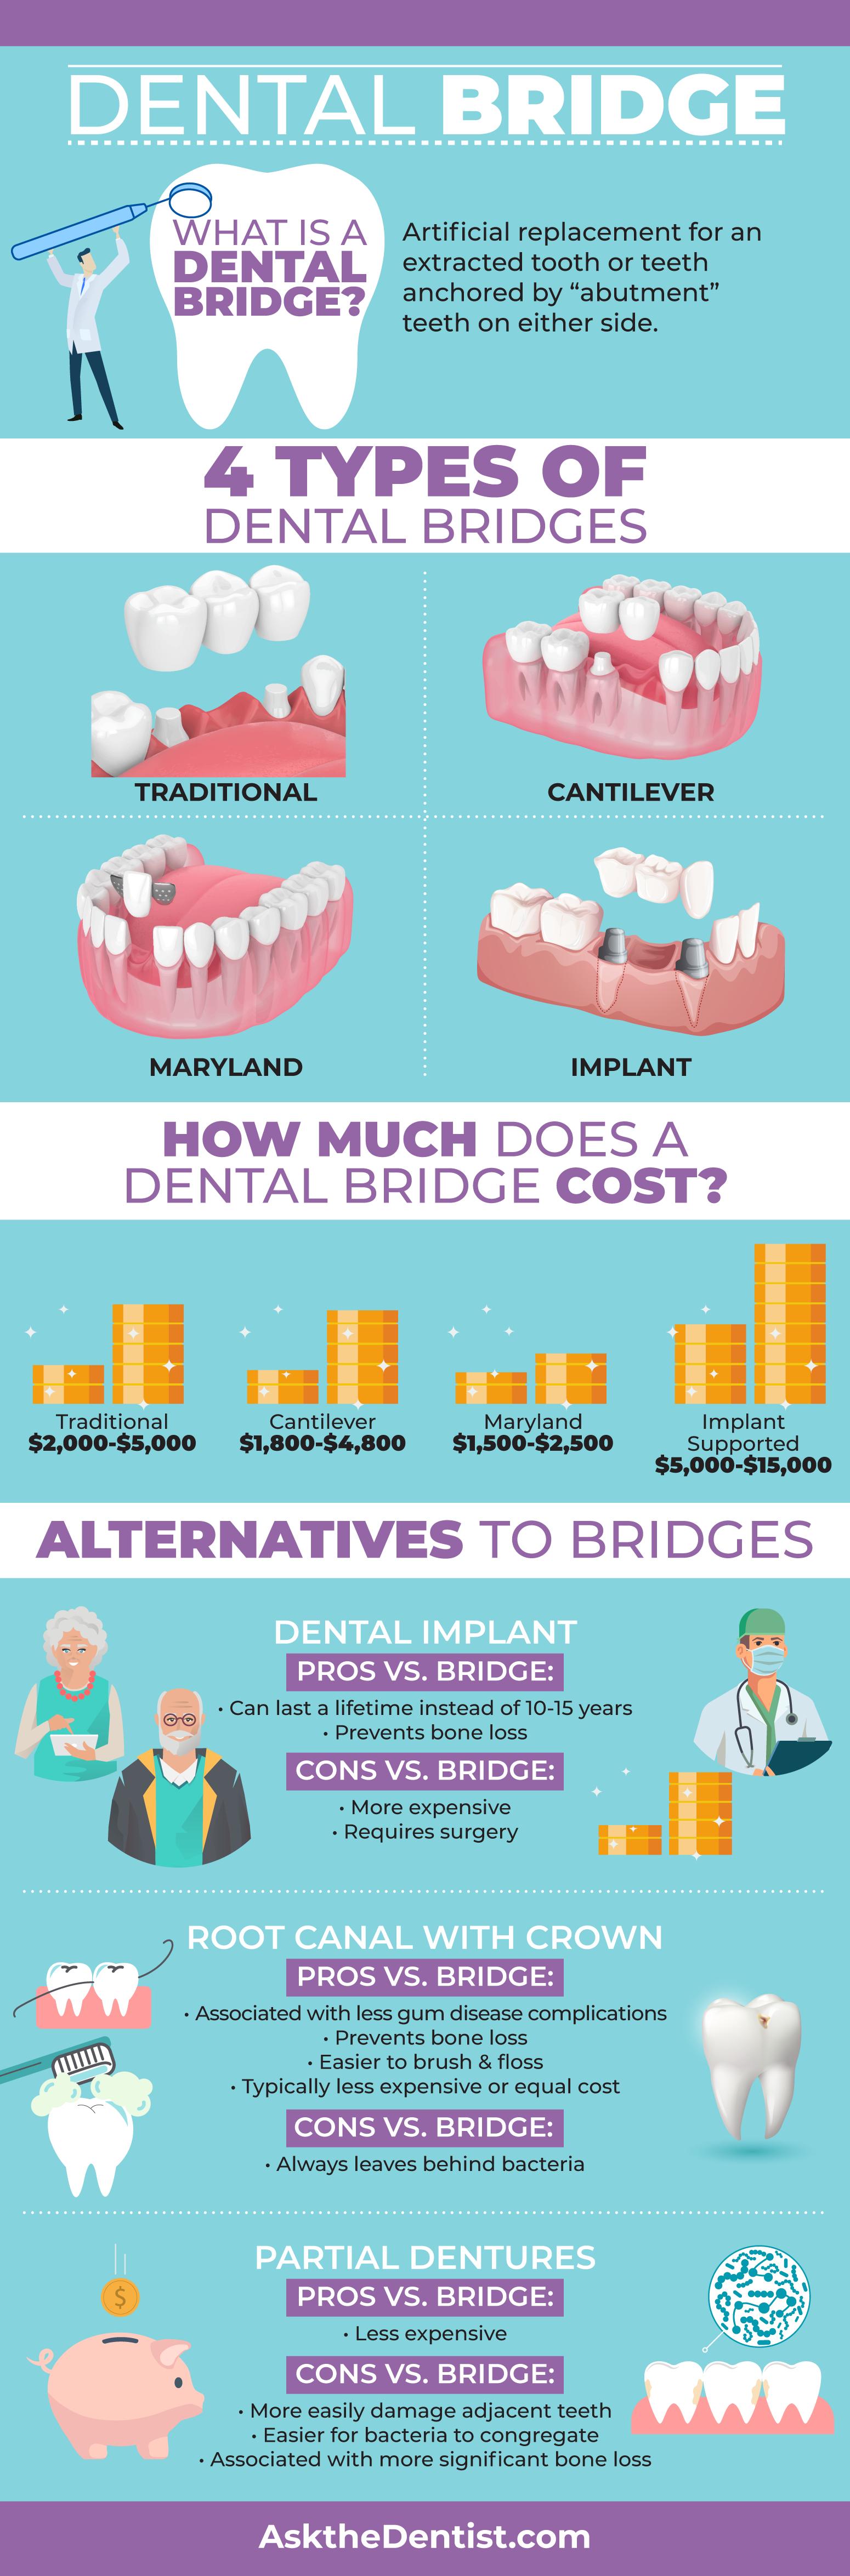 dental-bridge-cost-types-alternatives